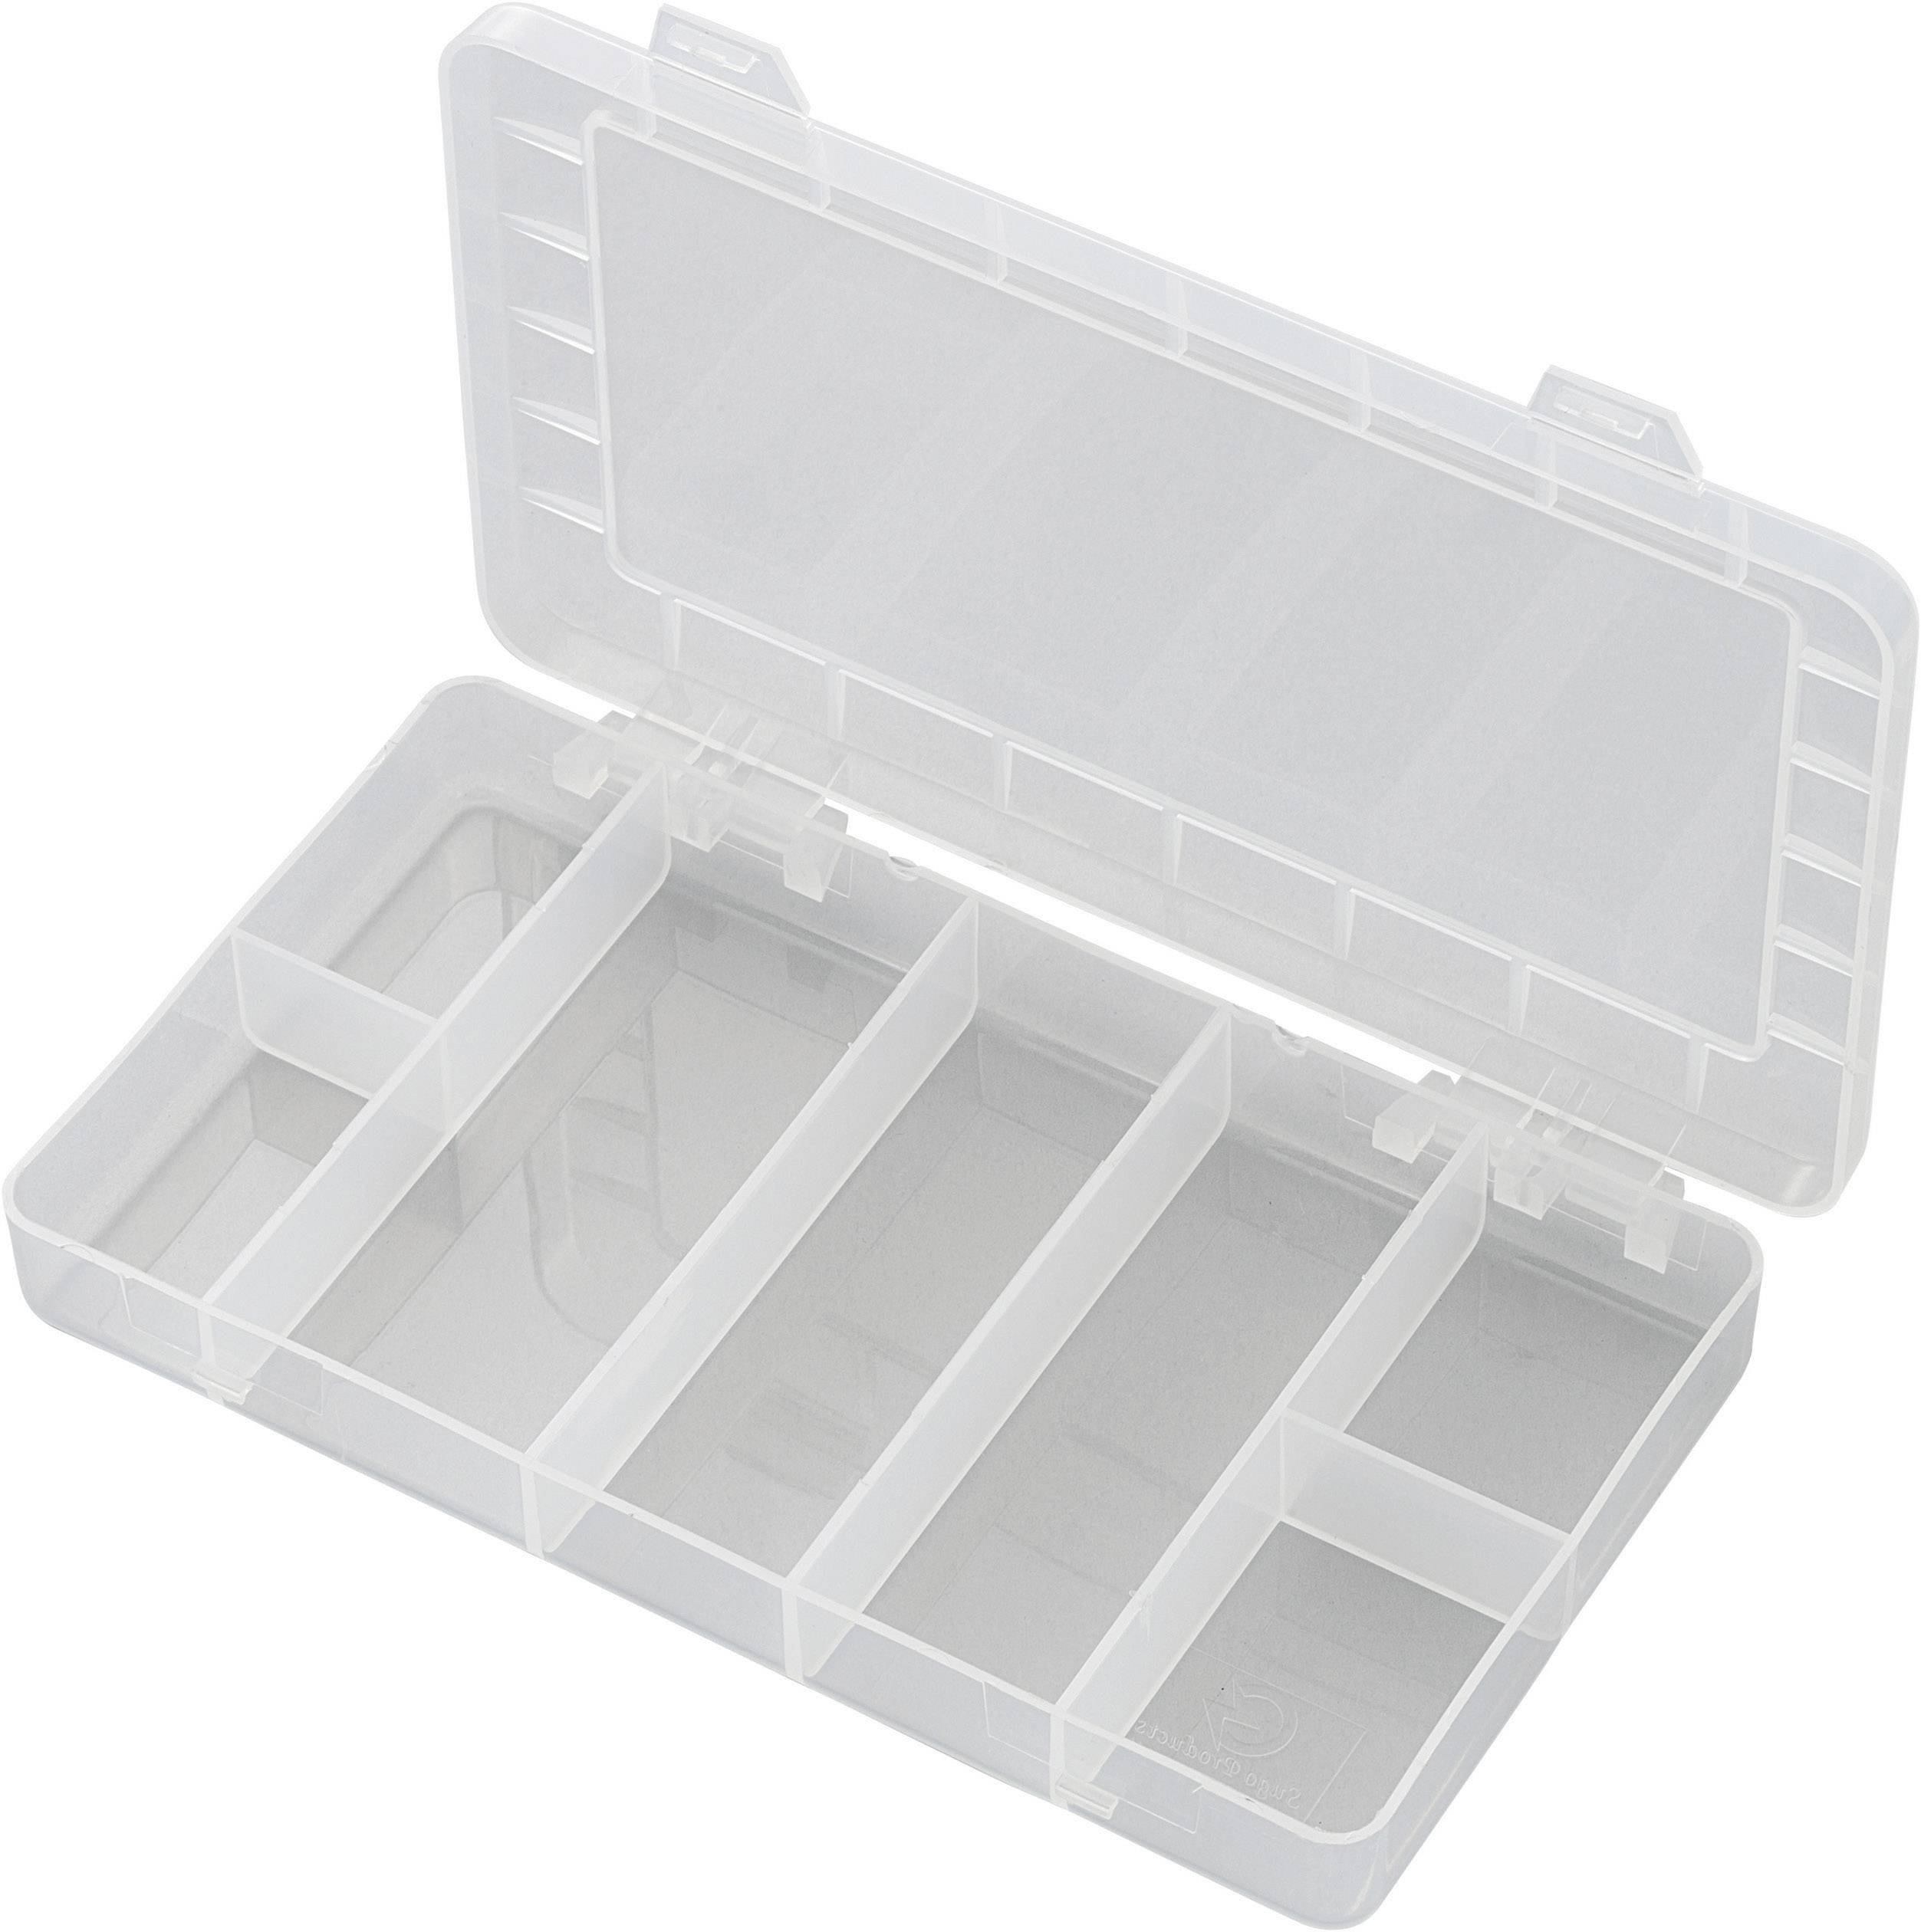 Krabička na drobné súčiastky 181932, priečinkov: 7, 192 x 110 x 24 , transparentná (difúzna)